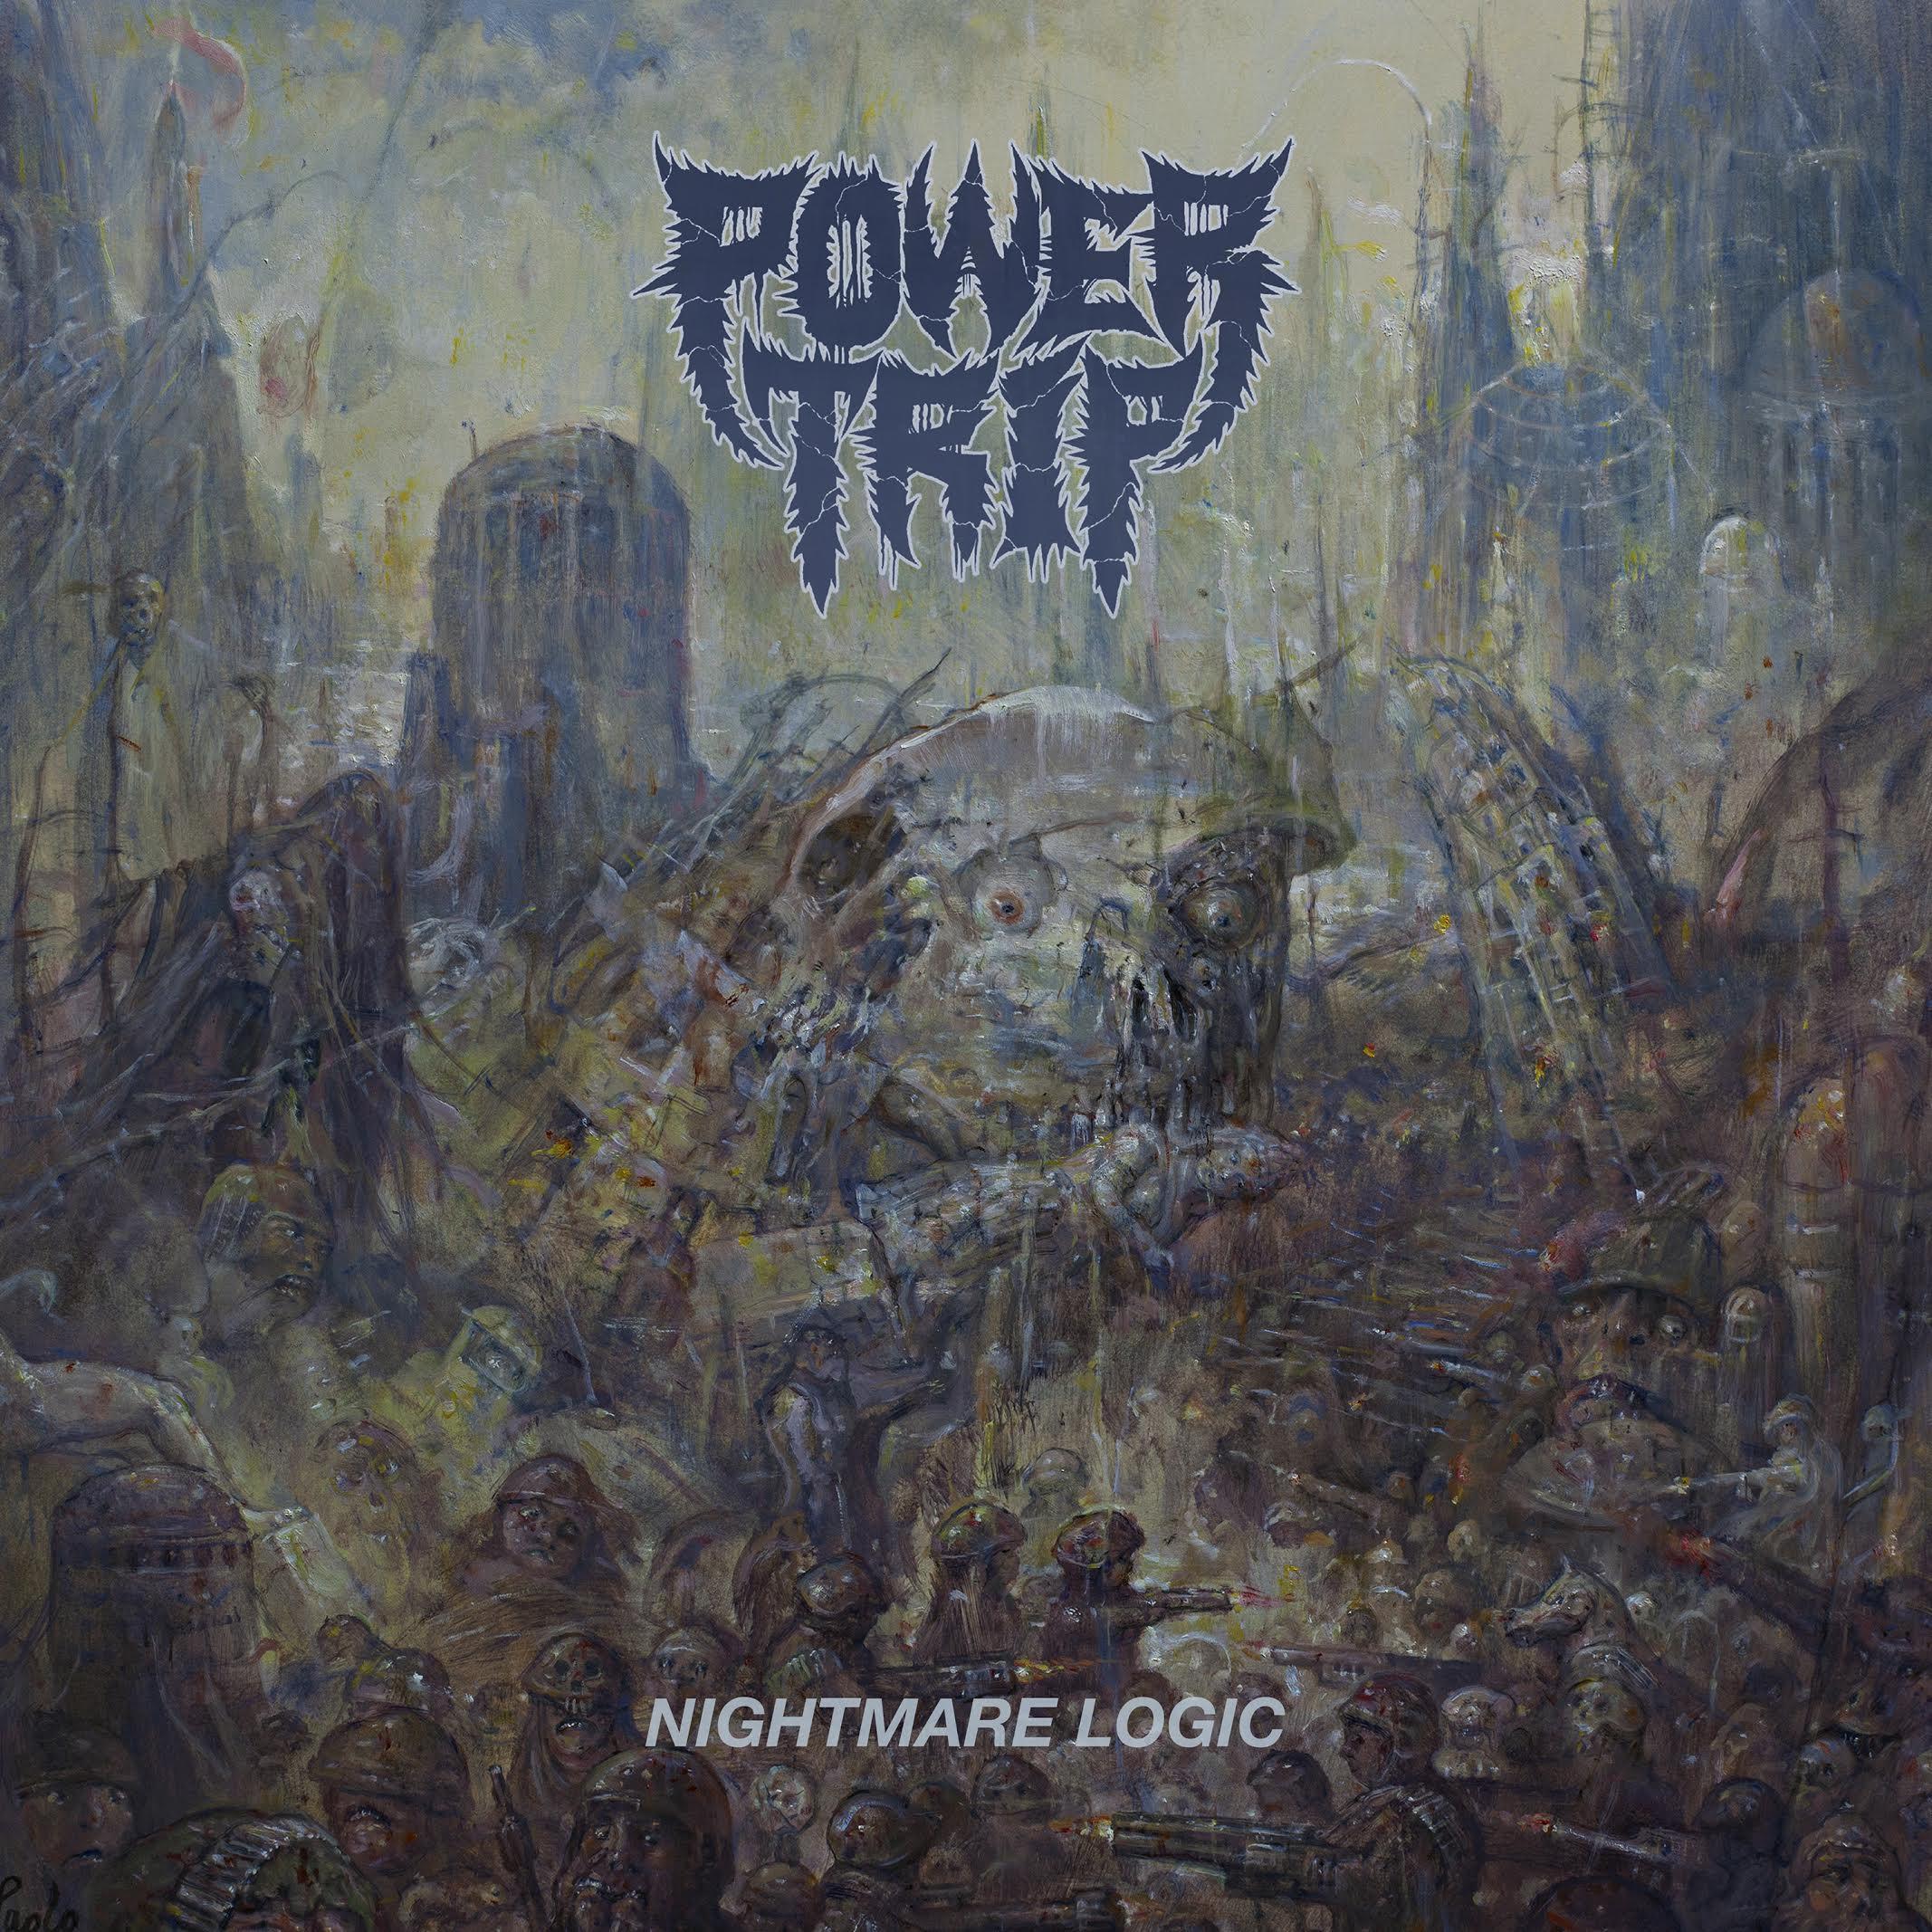 POWER TRIP - NIGHTMARE LOGIC<br />A texasi Power Trip új lemeze a hónap igencsak kellemes meglepetése lesz. Az általuk játszott sziklaszilárd thrash/hardcore alapokon nyugvó muzika pedig garantáltan leszakítja mindenki fejét, Vigyázat, mi szóltunk!